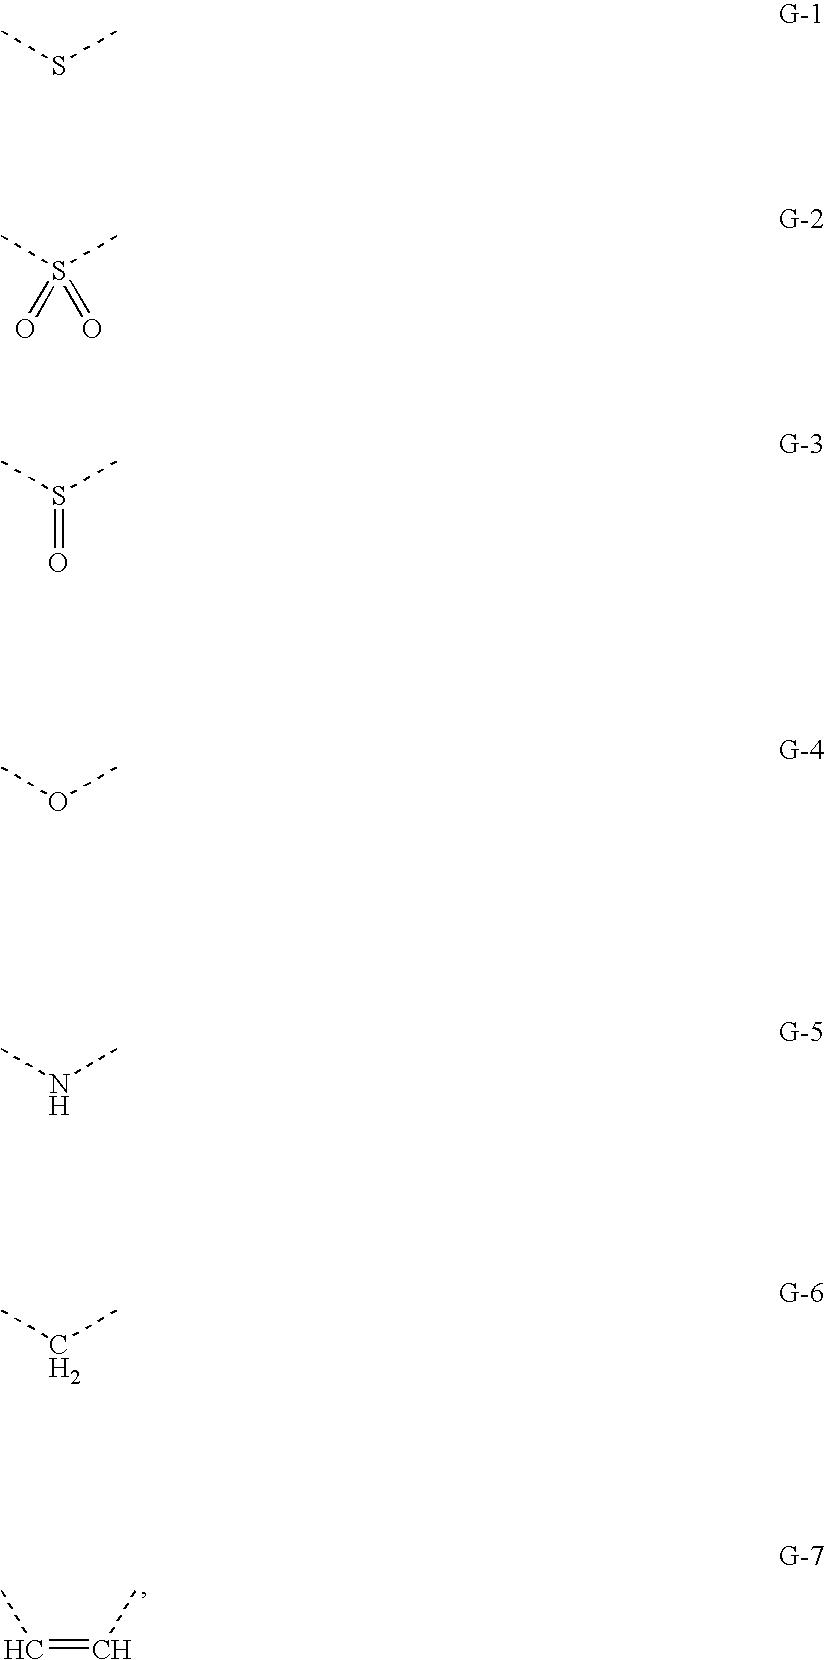 Figure US20070299043A1-20071227-C00153